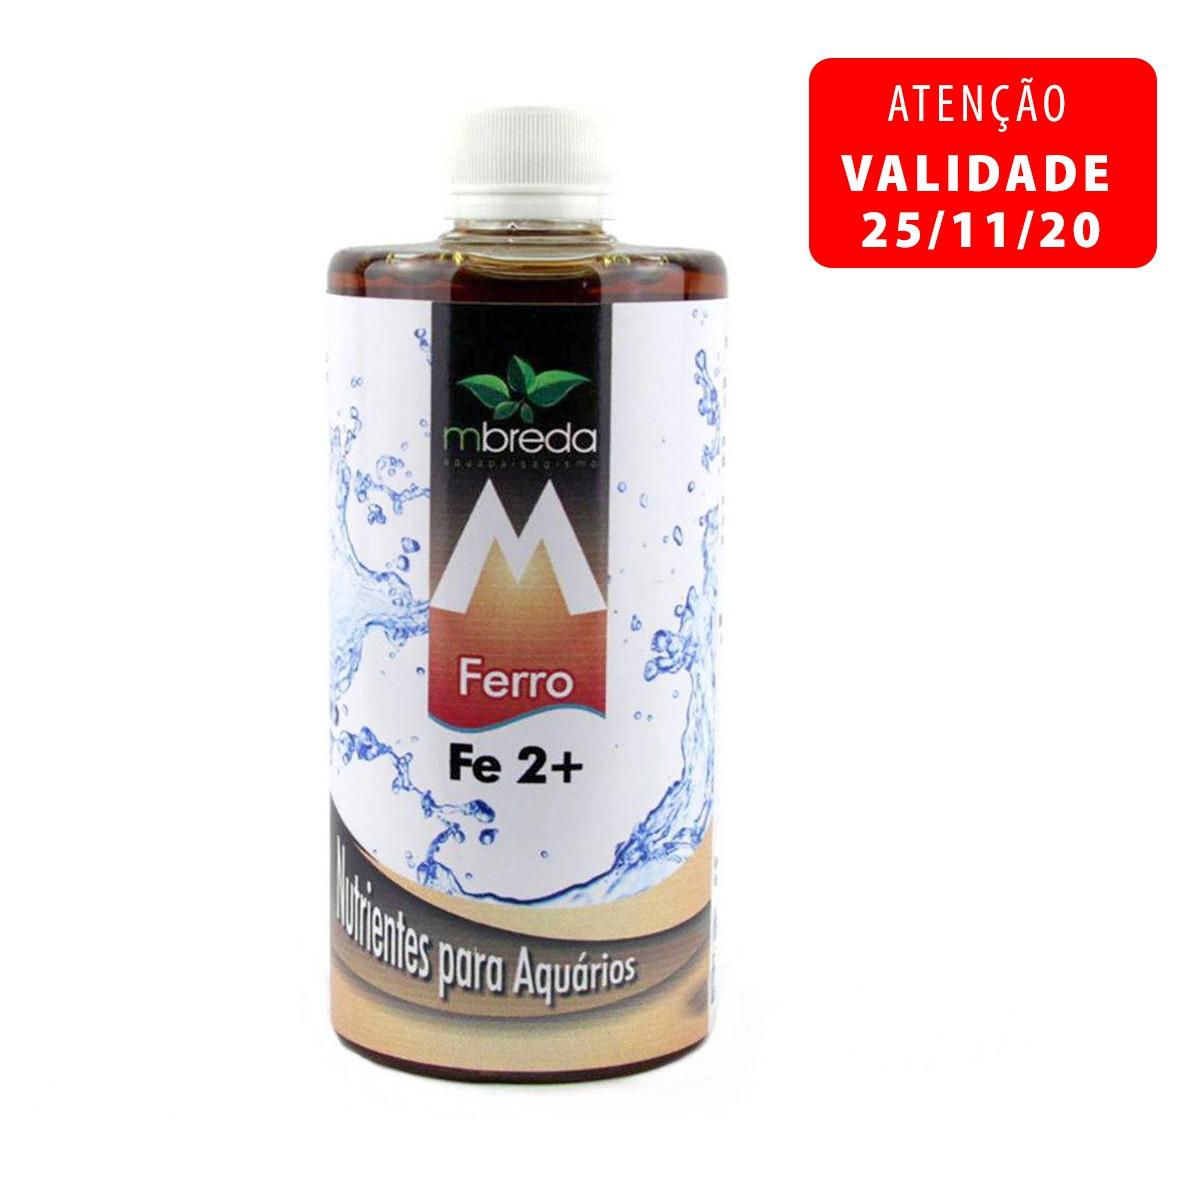 Fertilizante Mbreda Fe2+ 500ml Ferro P/ Aquários Plantados